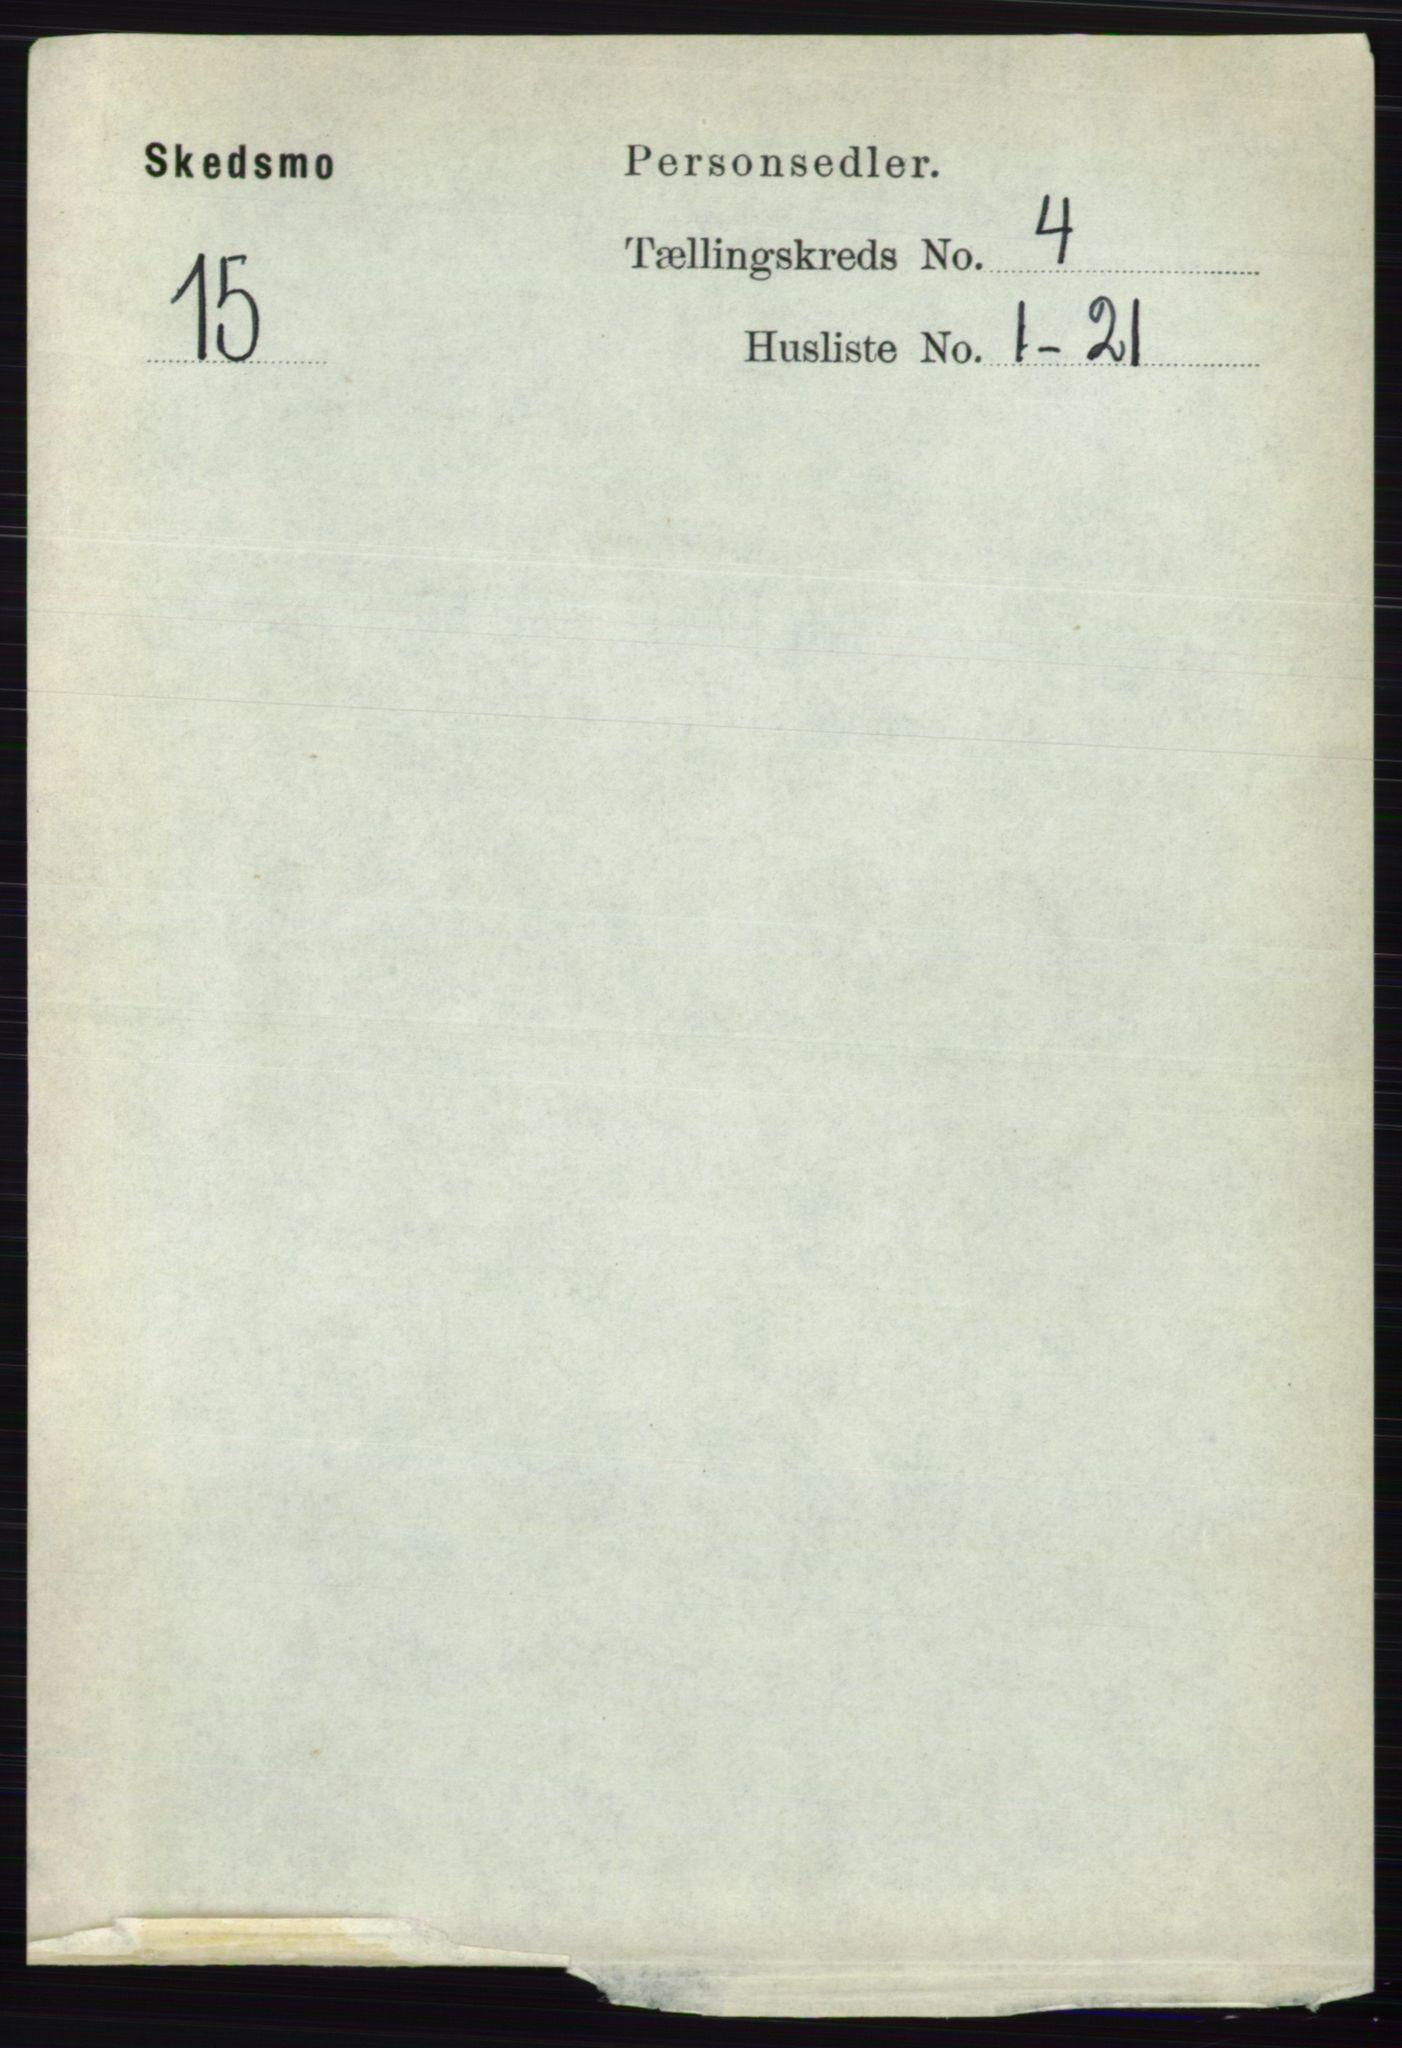 RA, Folketelling 1891 for 0231 Skedsmo herred, 1891, s. 1824